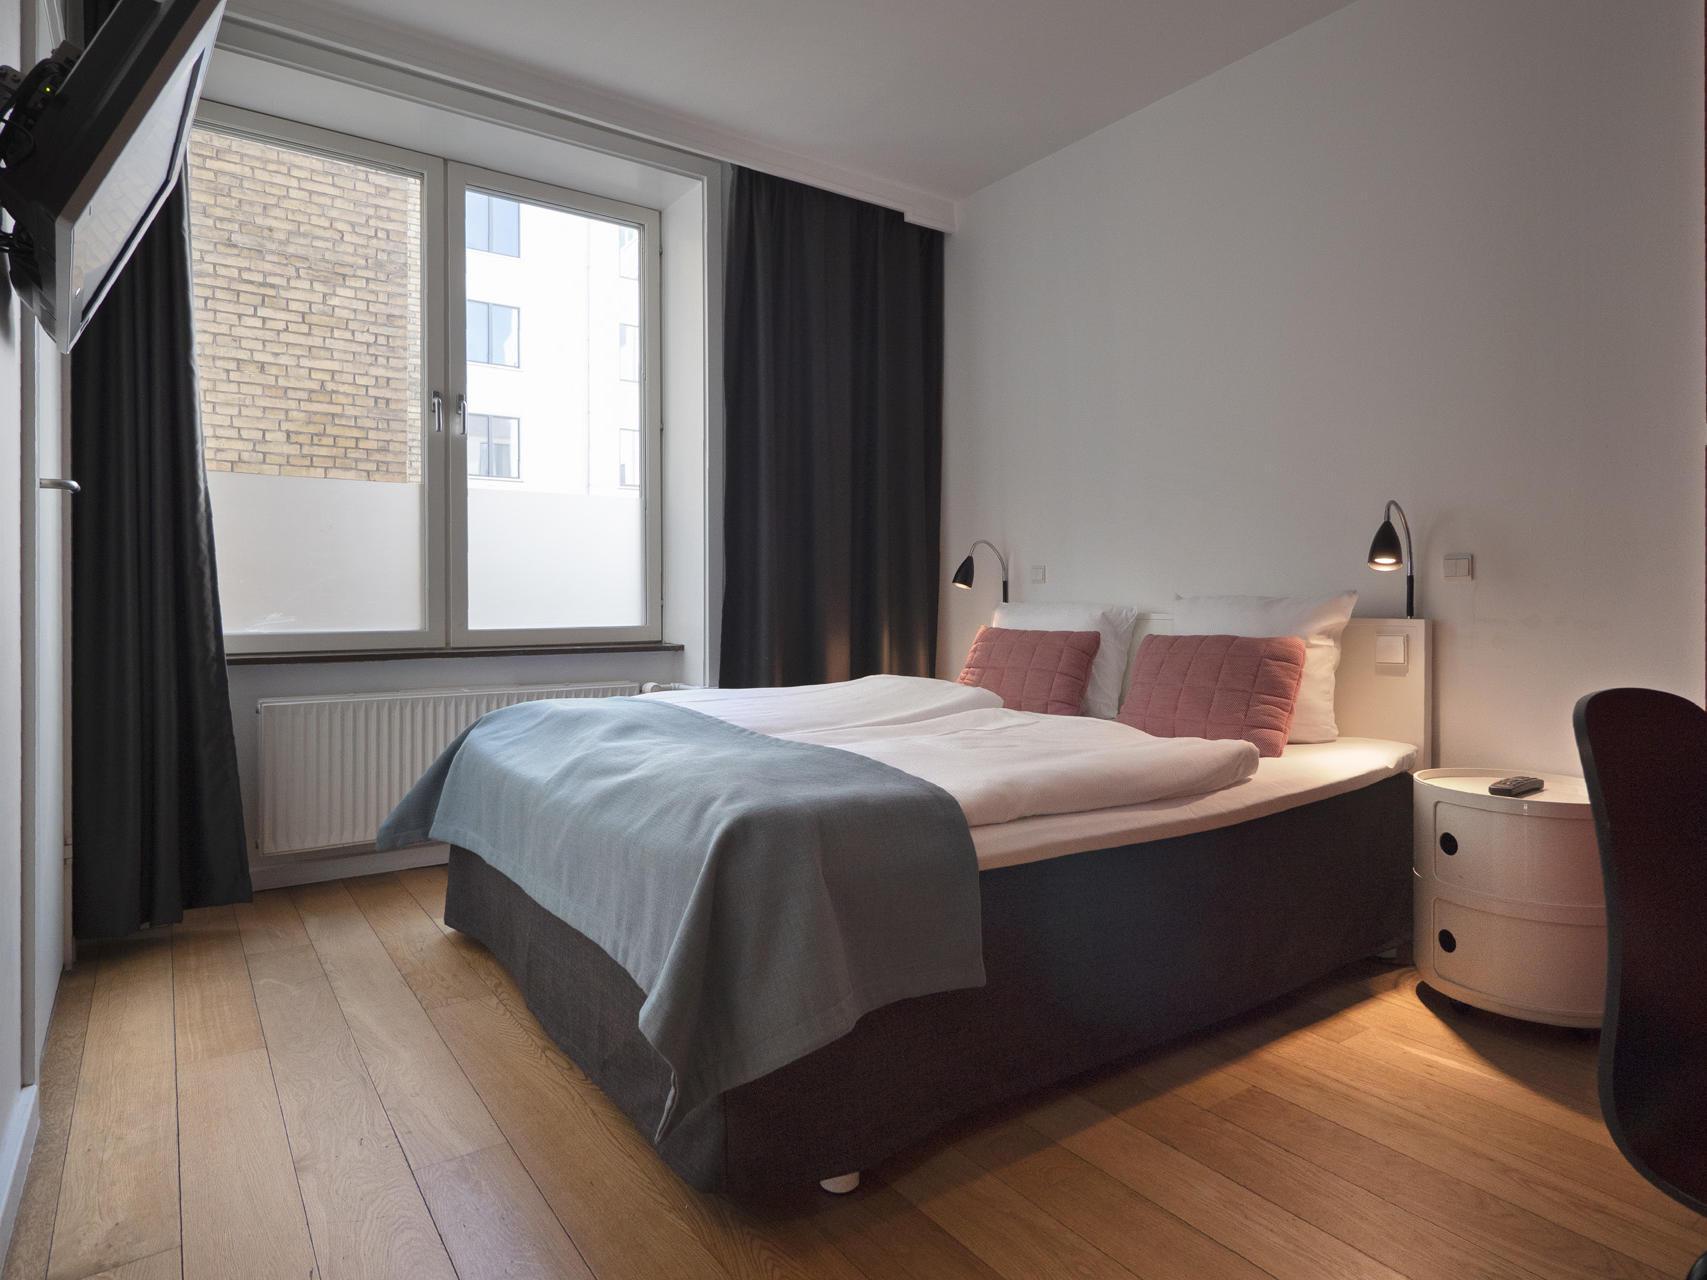 Standard Double Room at Hotel Twentyseven Copenhagen